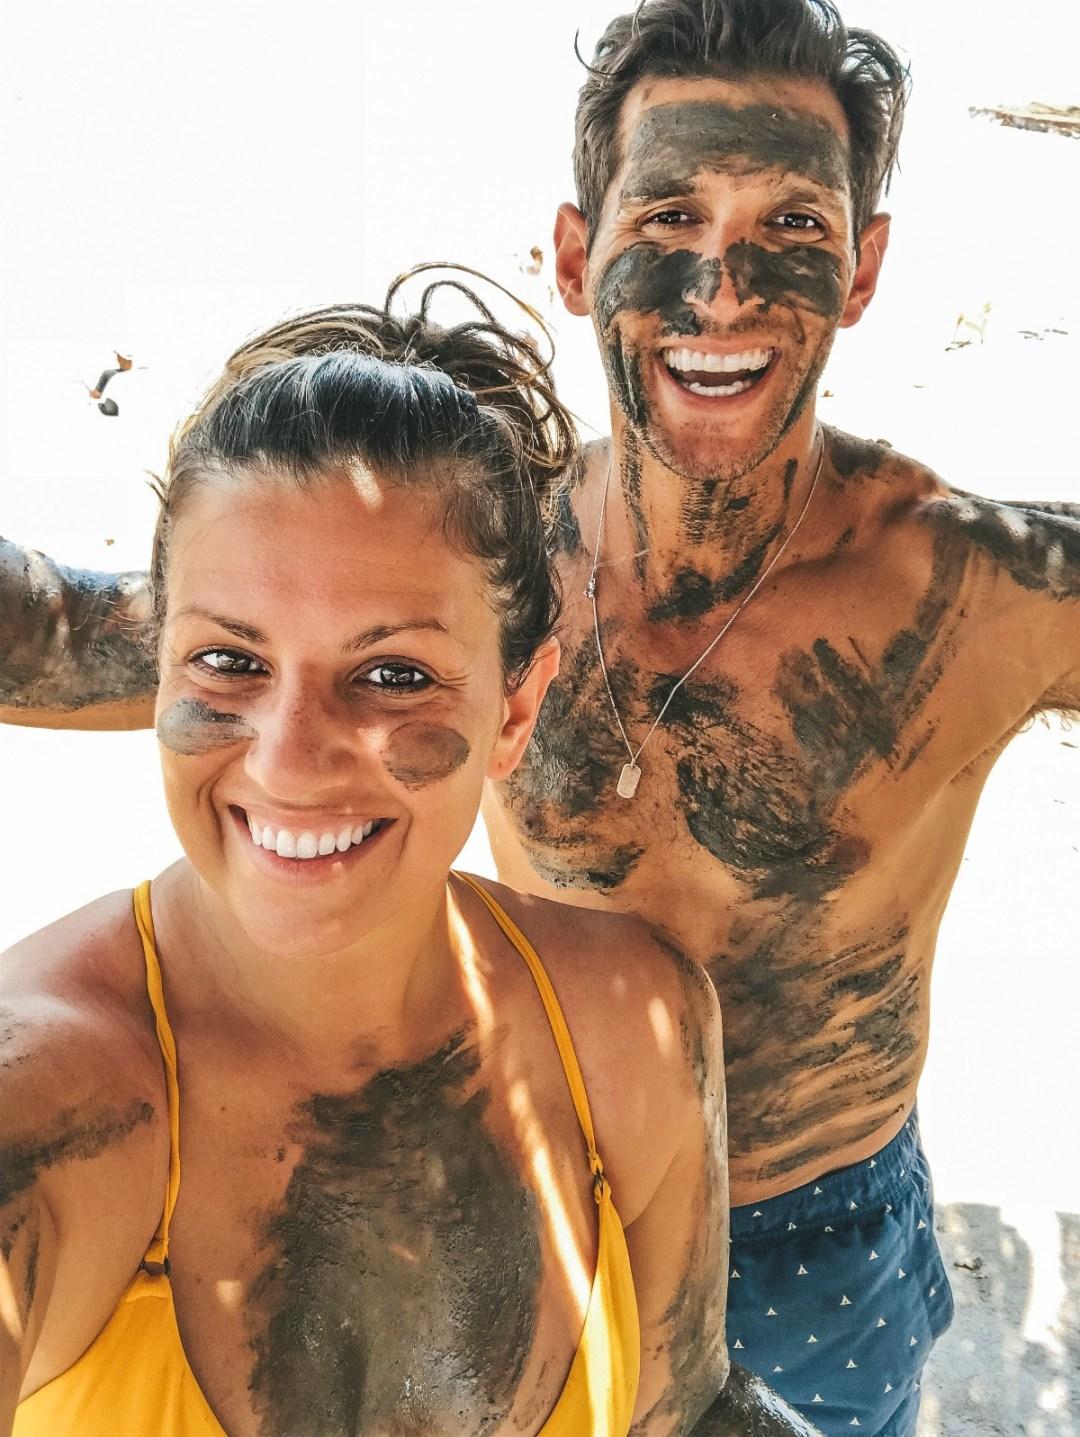 The Dead Sea Tour, Dead Sea mud